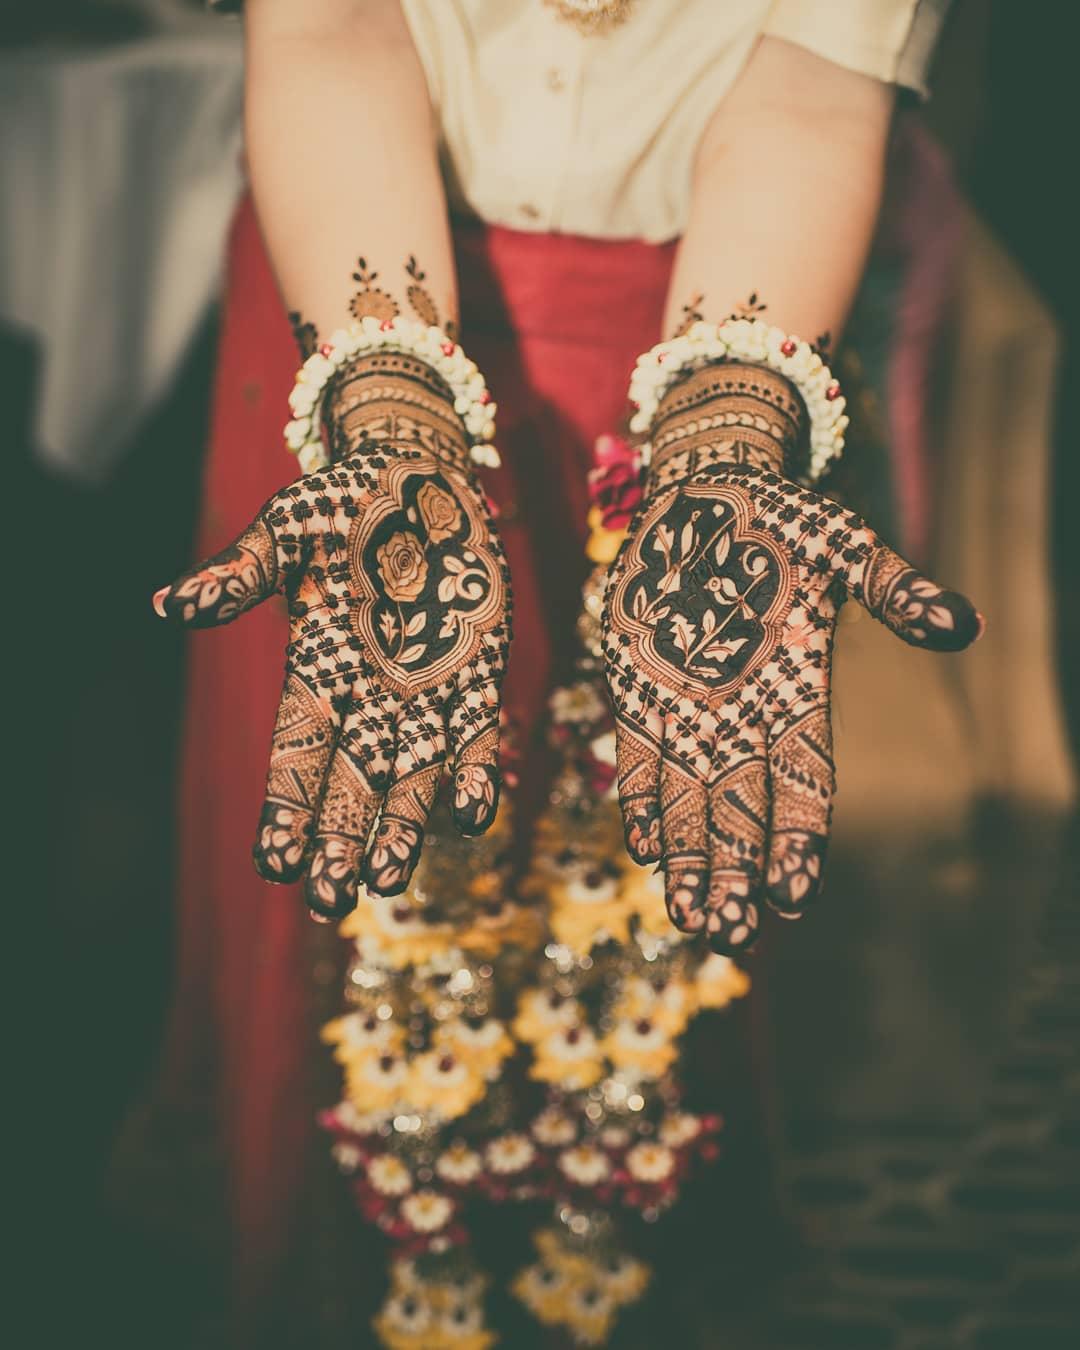 PunjabKesari, Best Dulhan Mehndi Design Image,बेस्ट दुल्हनमेहंदी डिजाइन इमेज